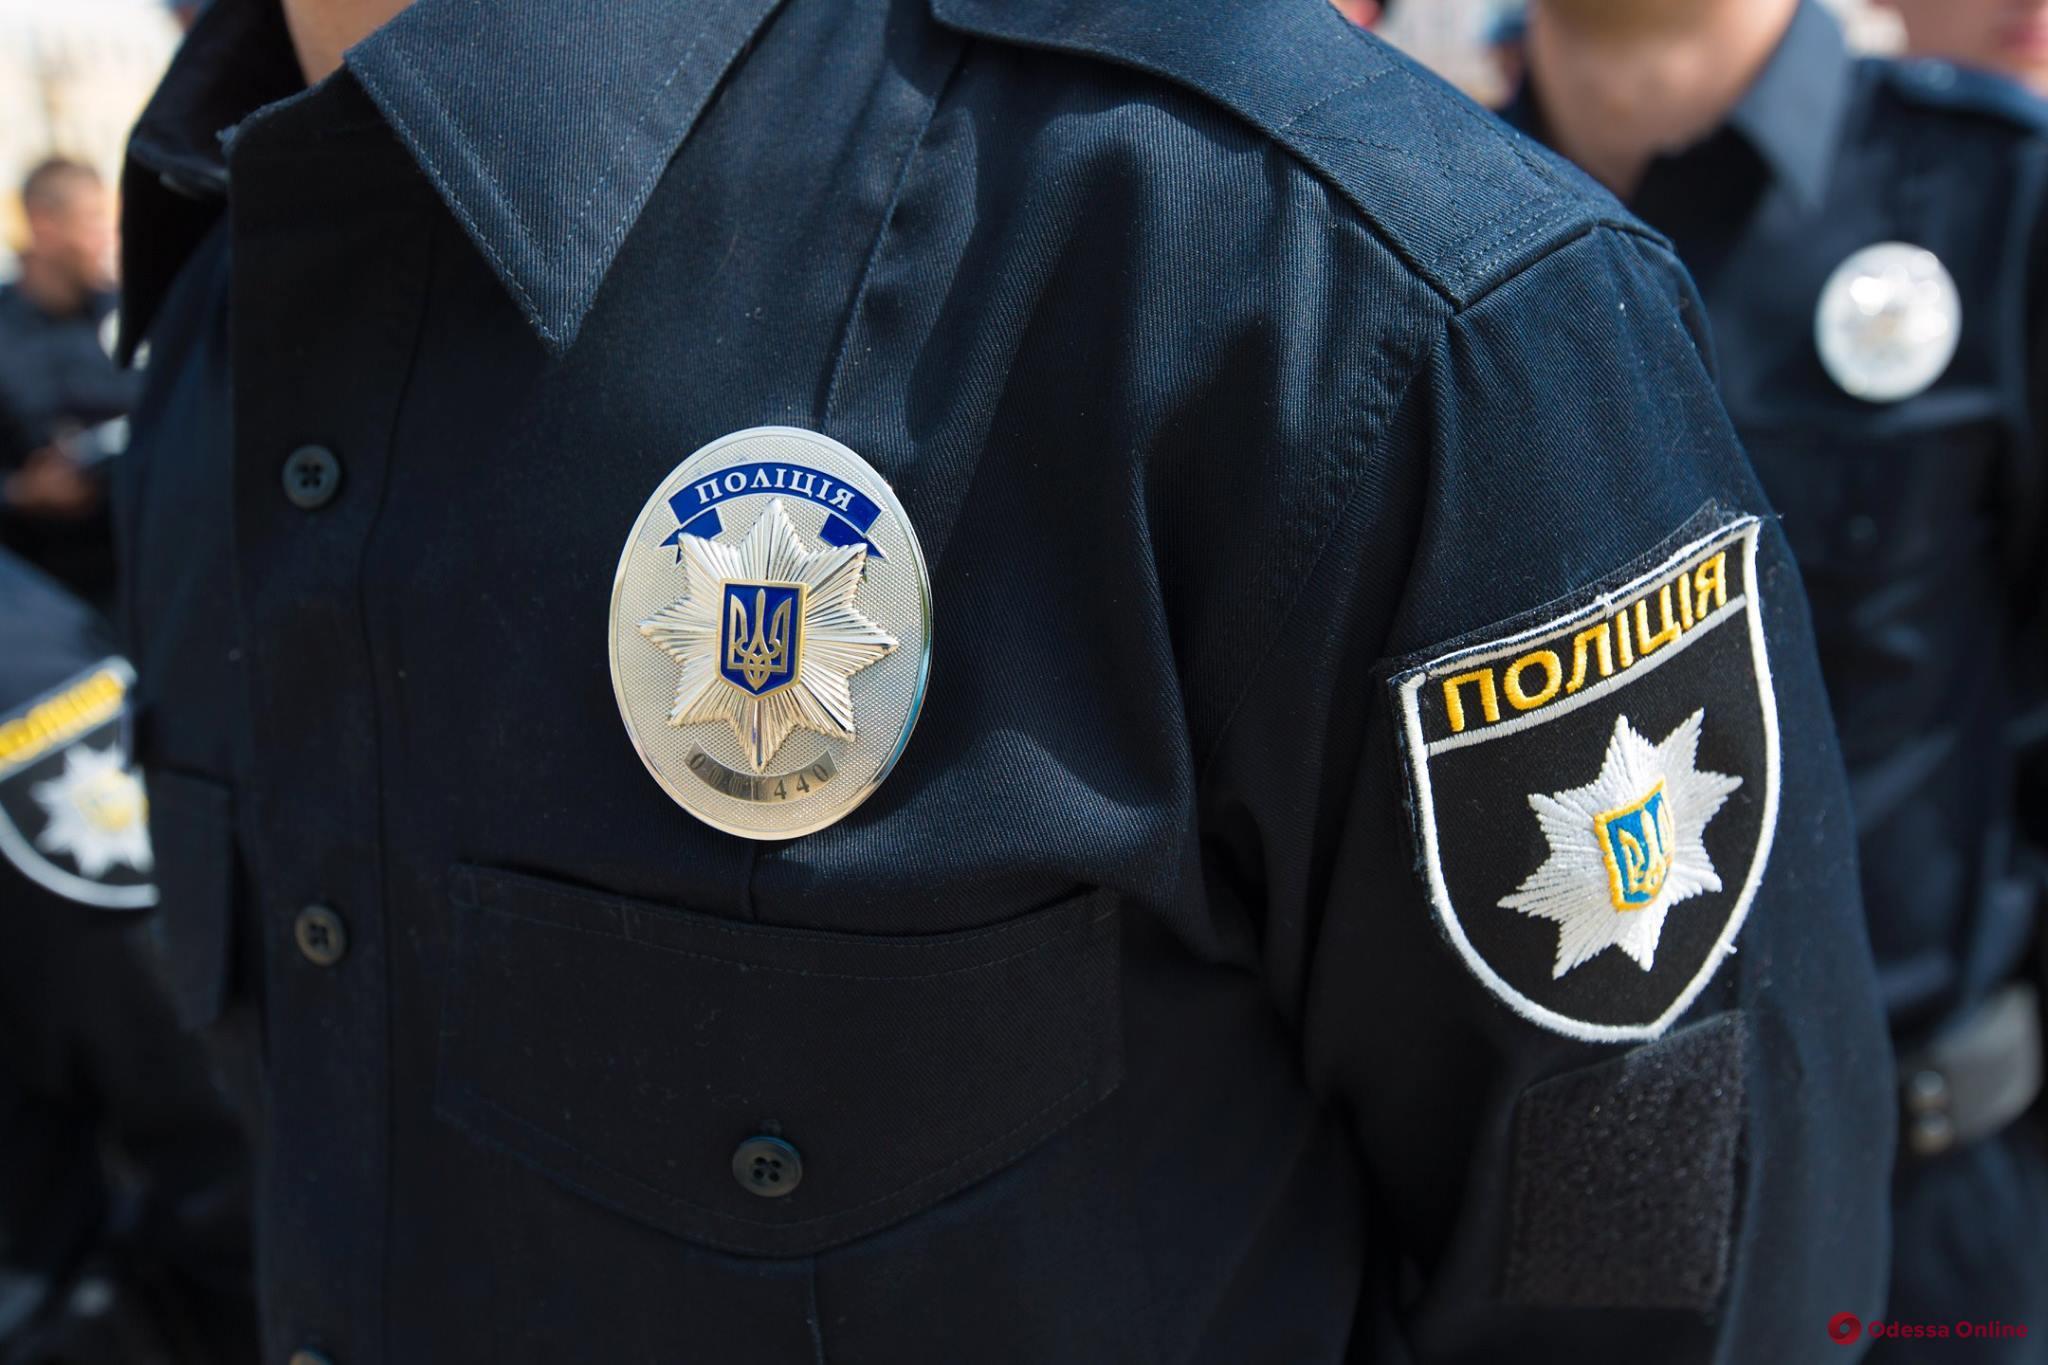 В одесском суде подозреваемая оскорбляла и набросилась с кулаками на следователя